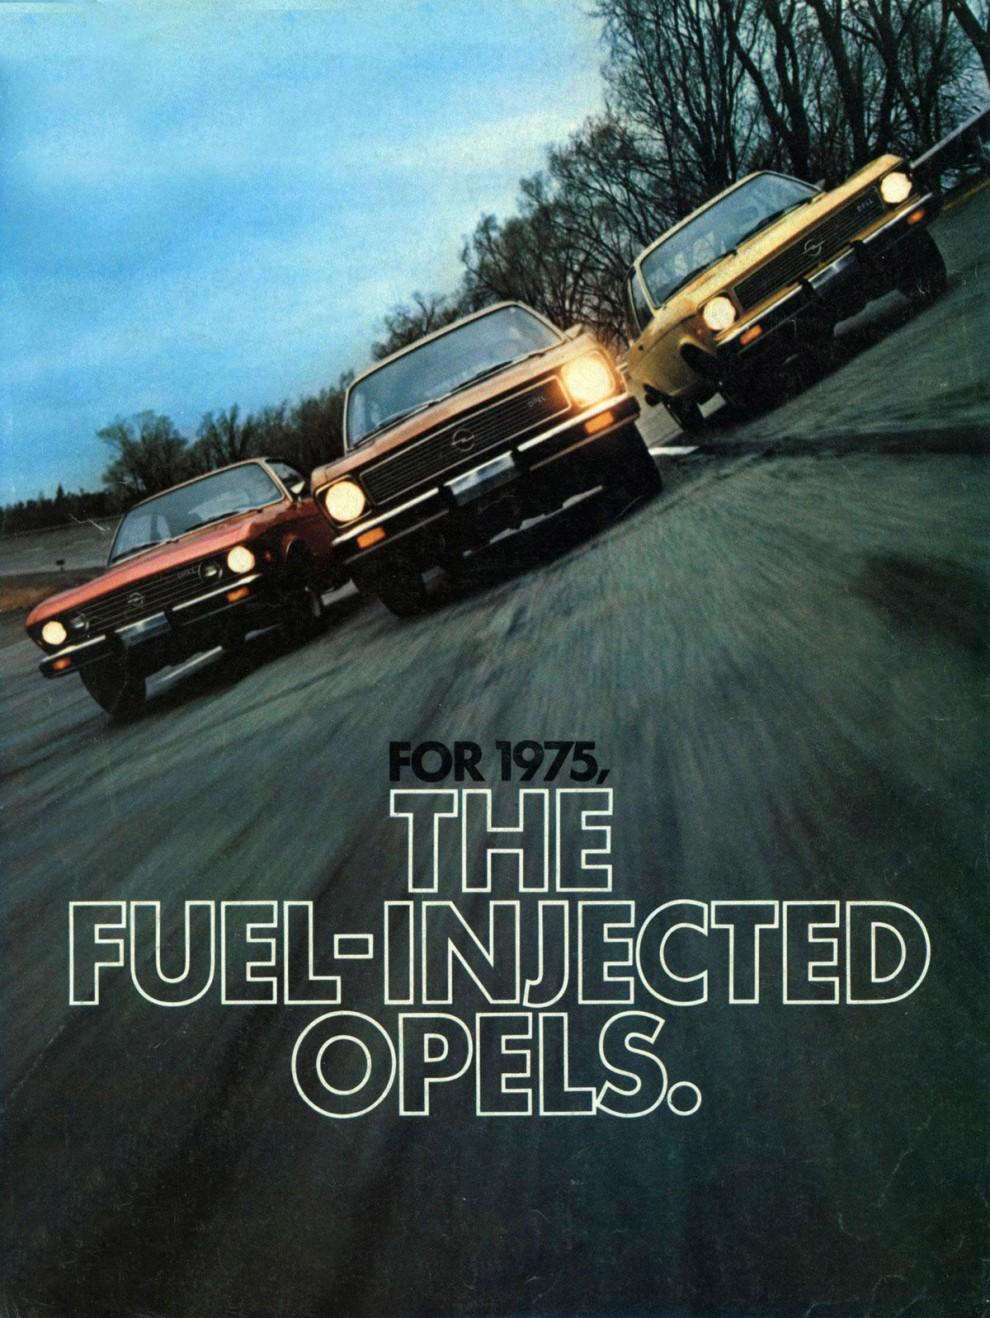 Opel såldes genom Buick under många år, här 1975 års modeller.